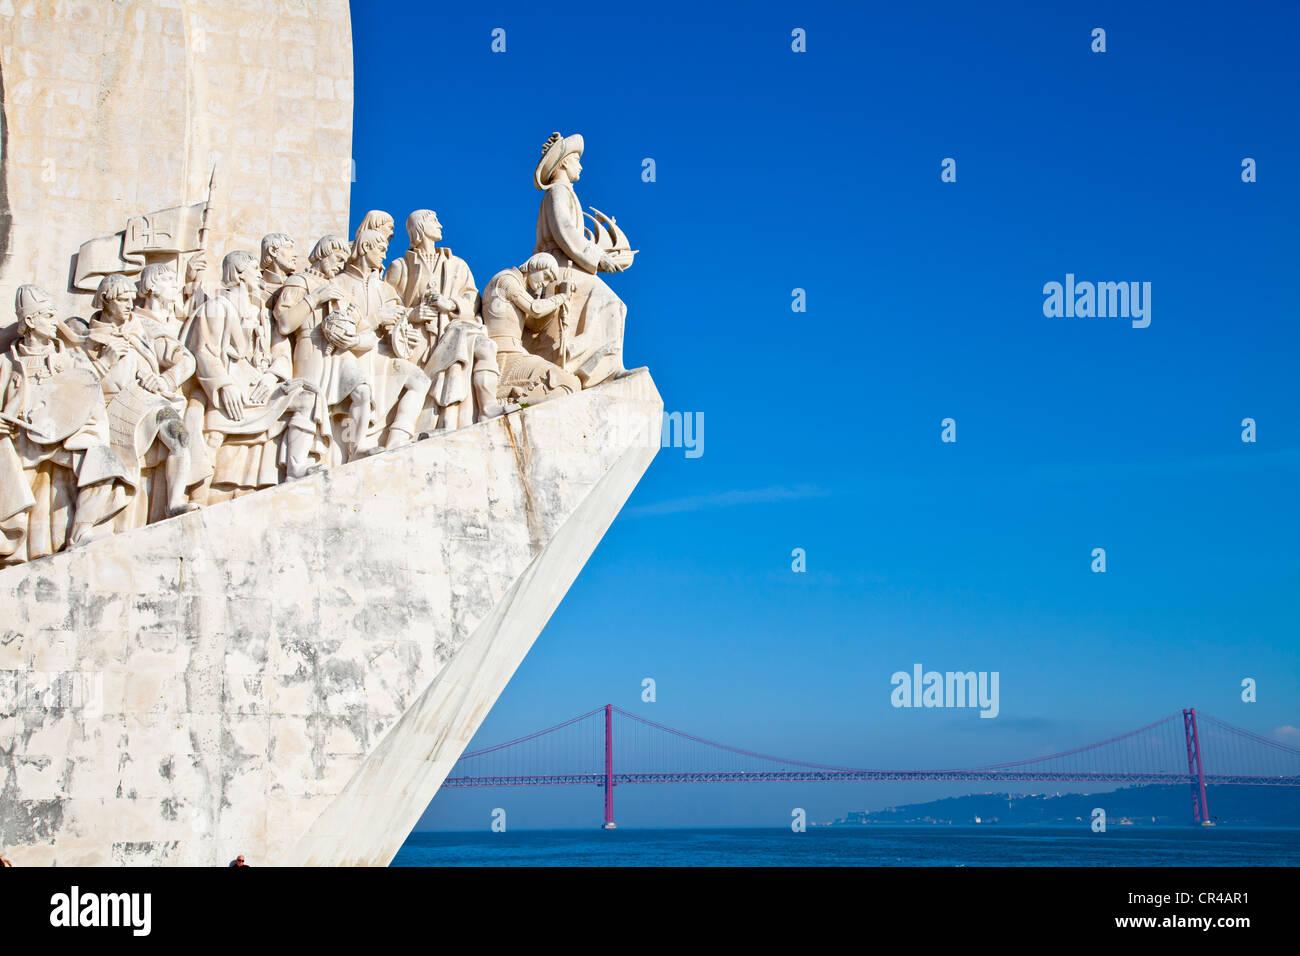 Padrão dos Descobrimentos, Monument to the Discoveries, celebrating Henri the Navigator and the Portuguese Age of Stock Photo